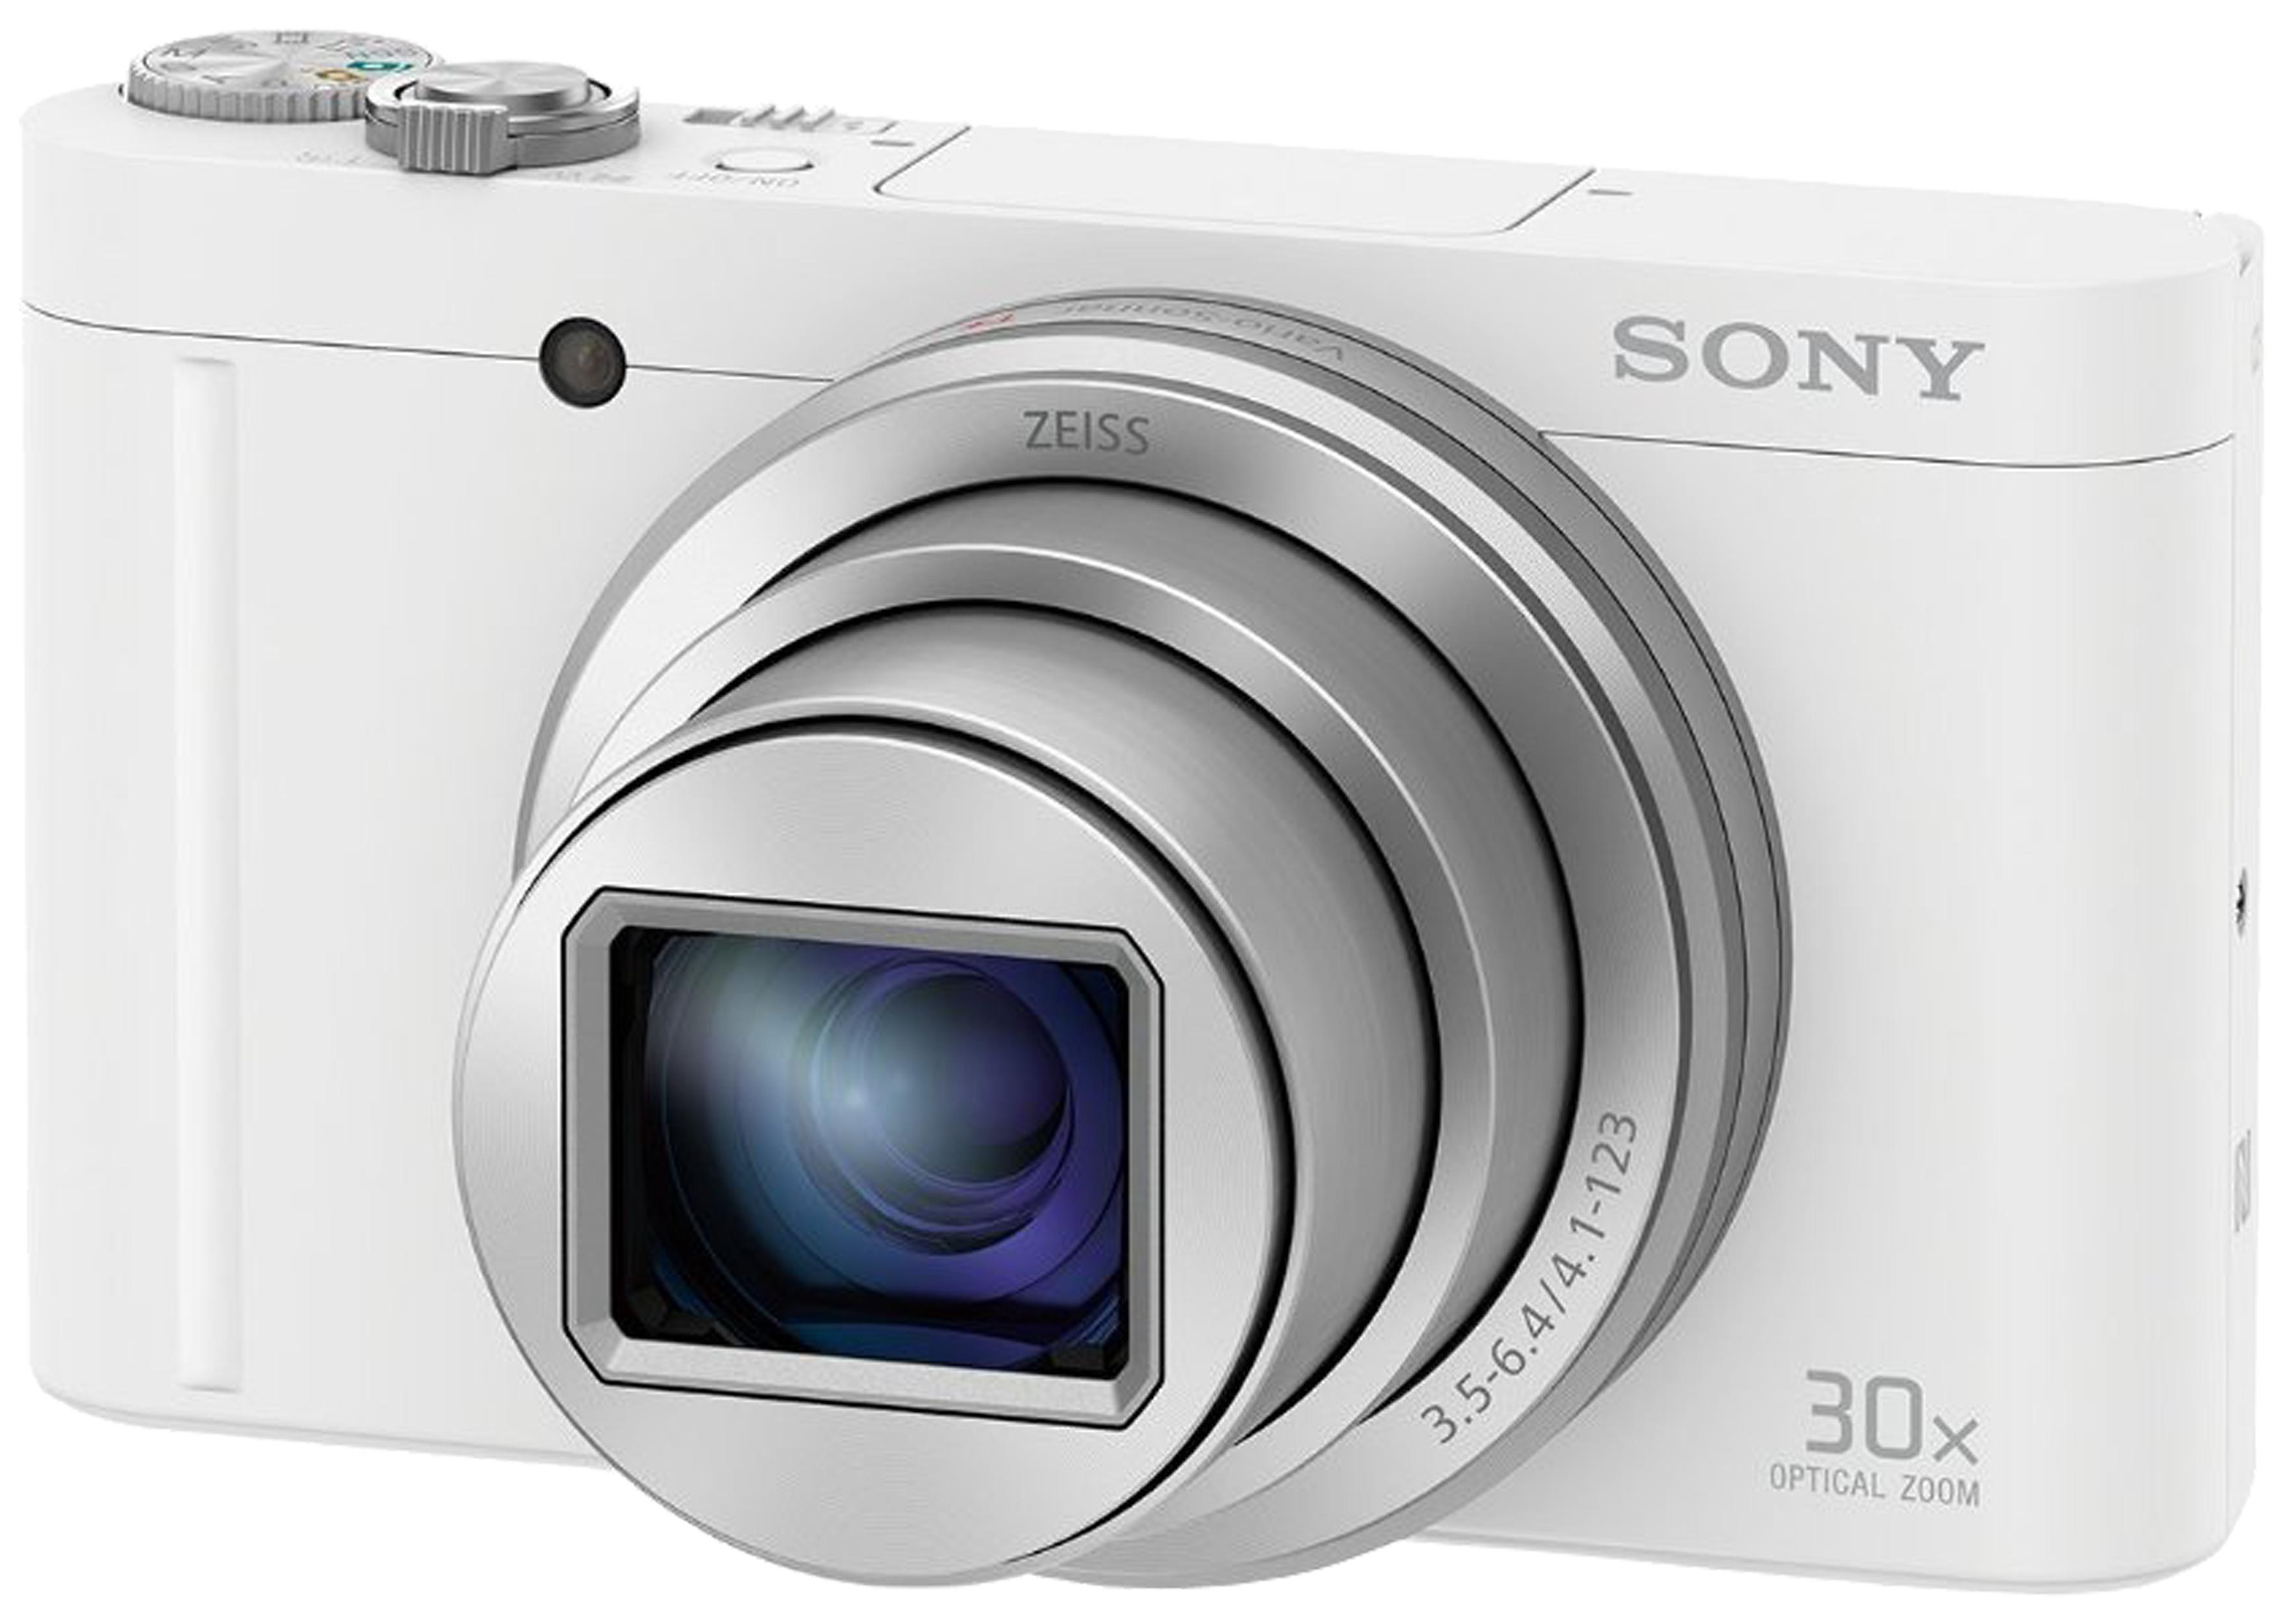 SONY DSC-WX500 Superzoom camera, 18,2 Megapixel, 30x opt. Zoom online kopen op otto.nl